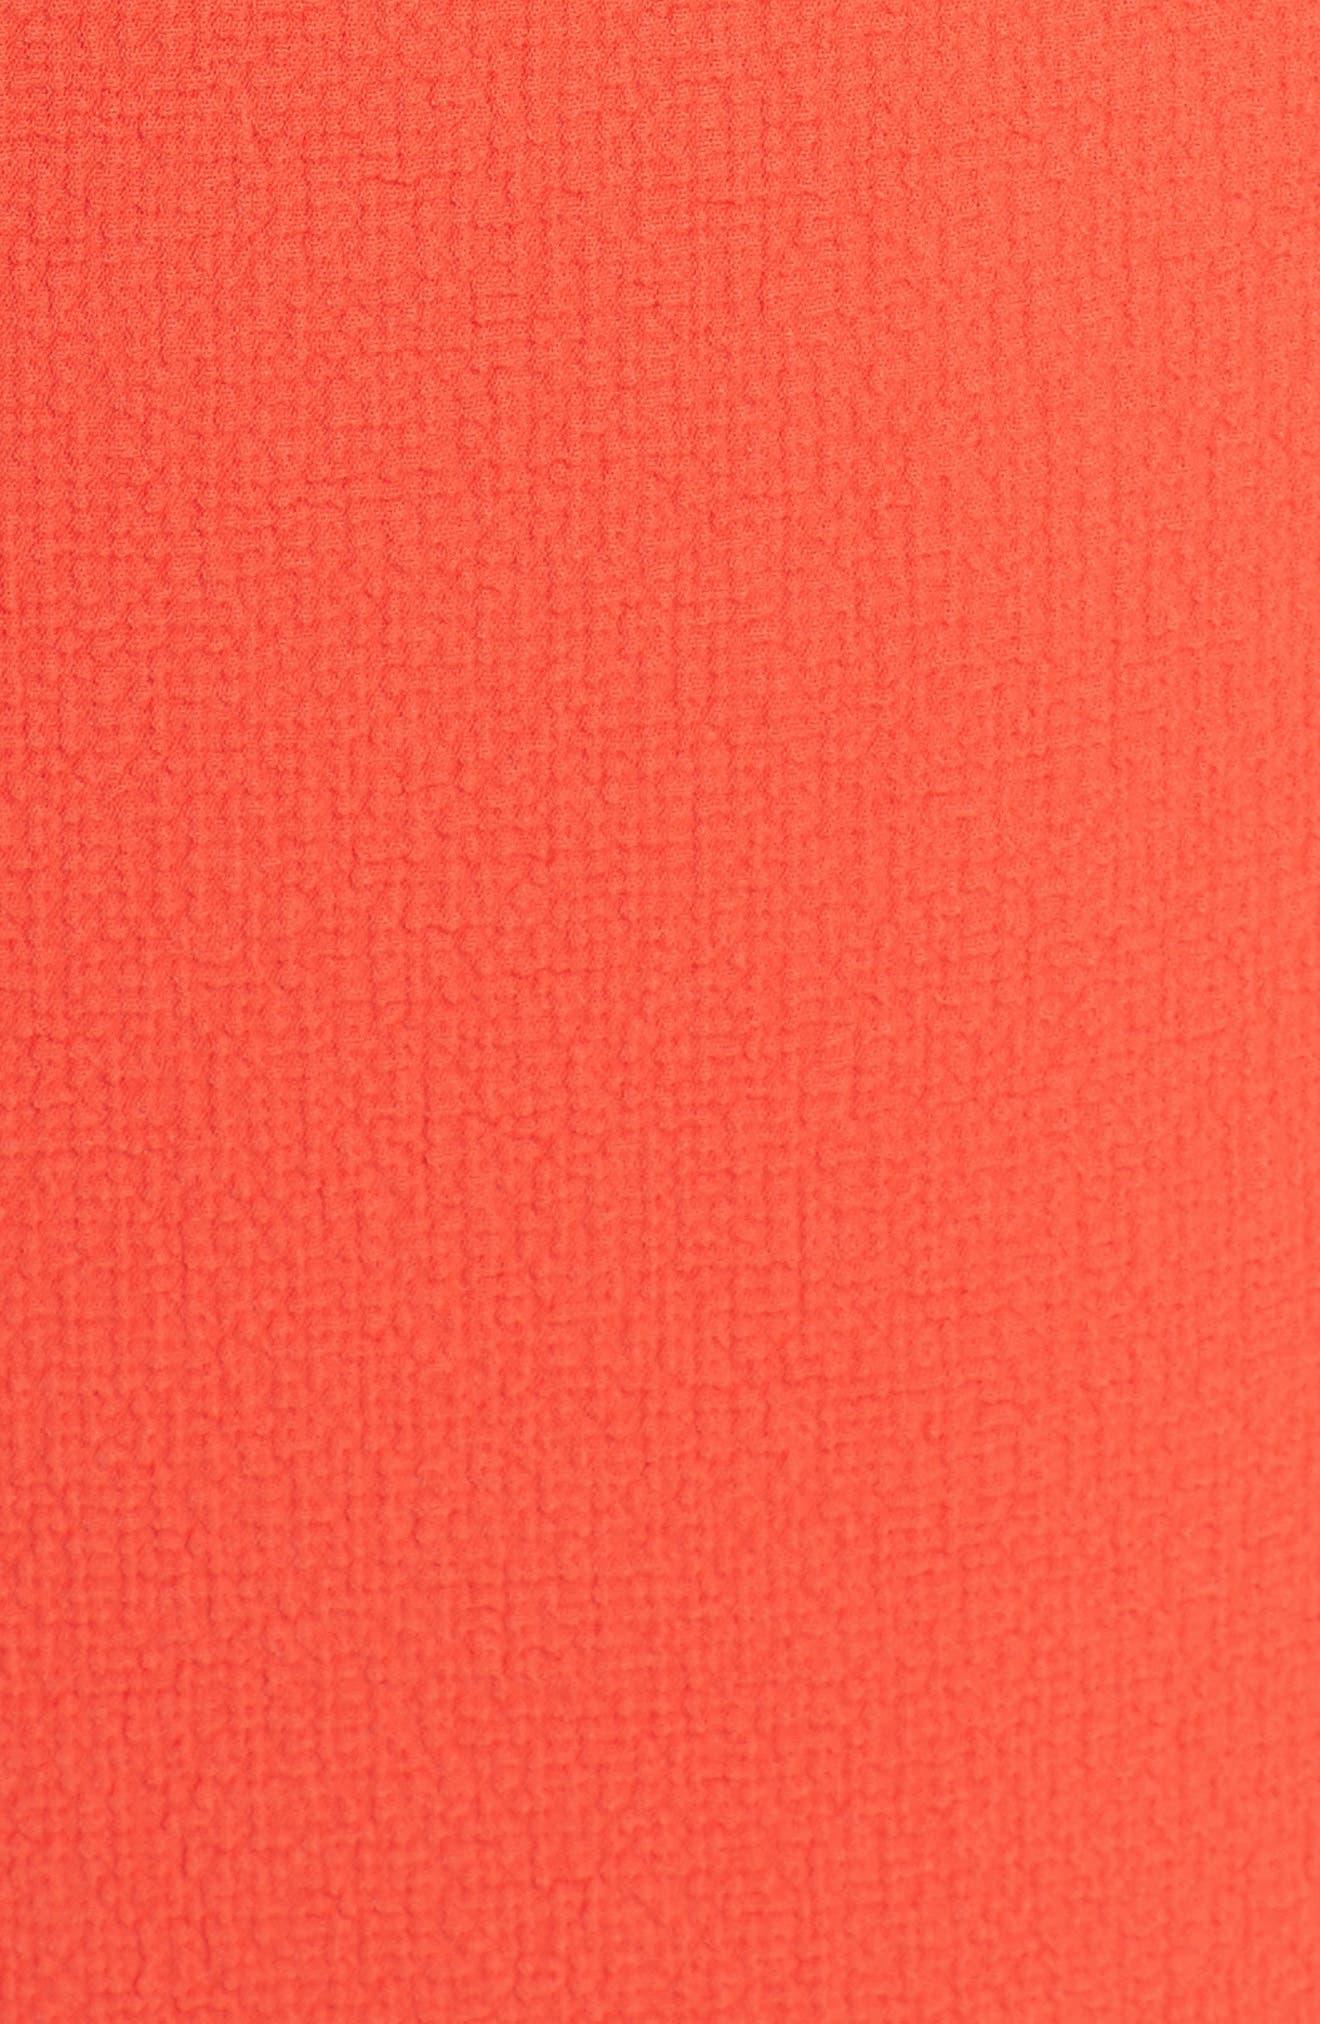 Agitator Midi Dress,                             Alternate thumbnail 5, color,                             950